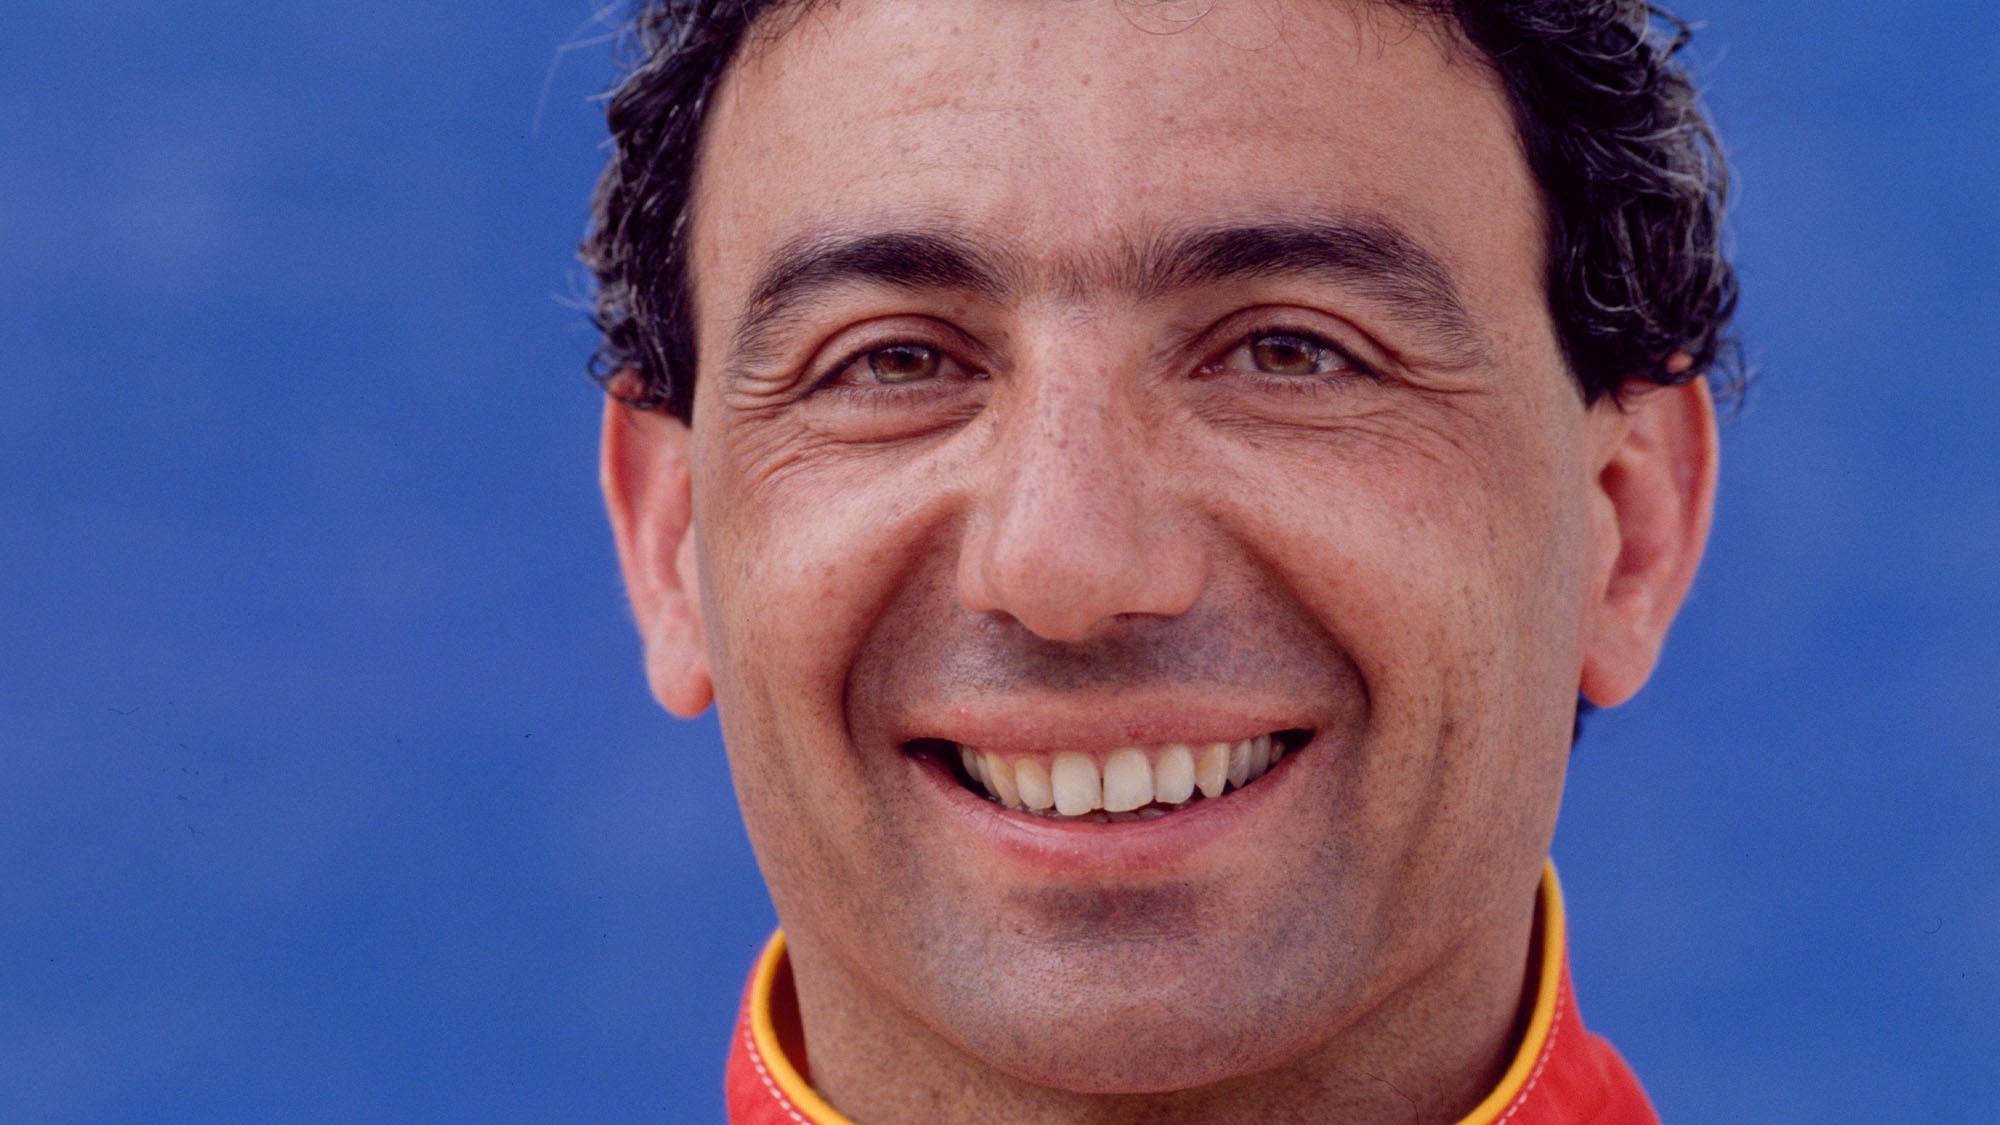 Le pilote automobile Michele Alboreto le 12 mars 1993, Afrique du Sud. (Photo by Jean-Marc LOUBAT/Gamma-Rapho via Getty Images)